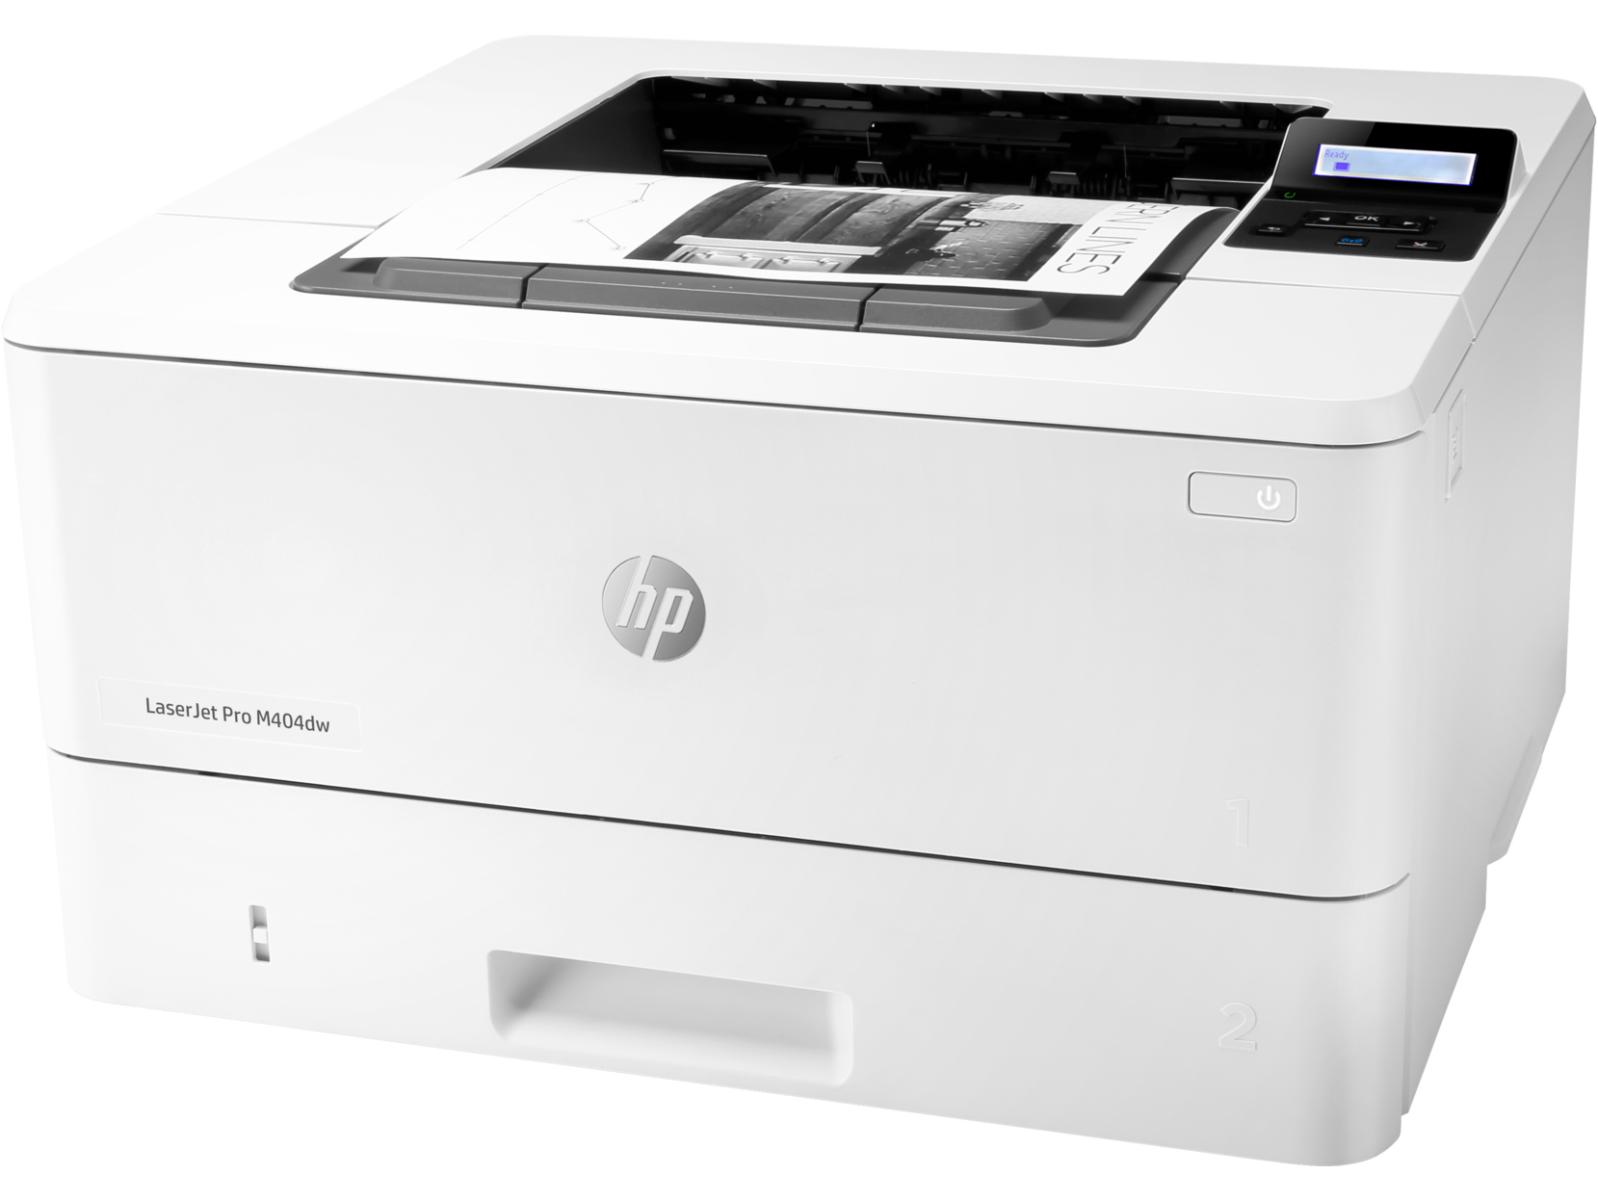 Máy in đen trắng HP LaserJet Pro M404dw phù hợp sử dụng trong văn phòng